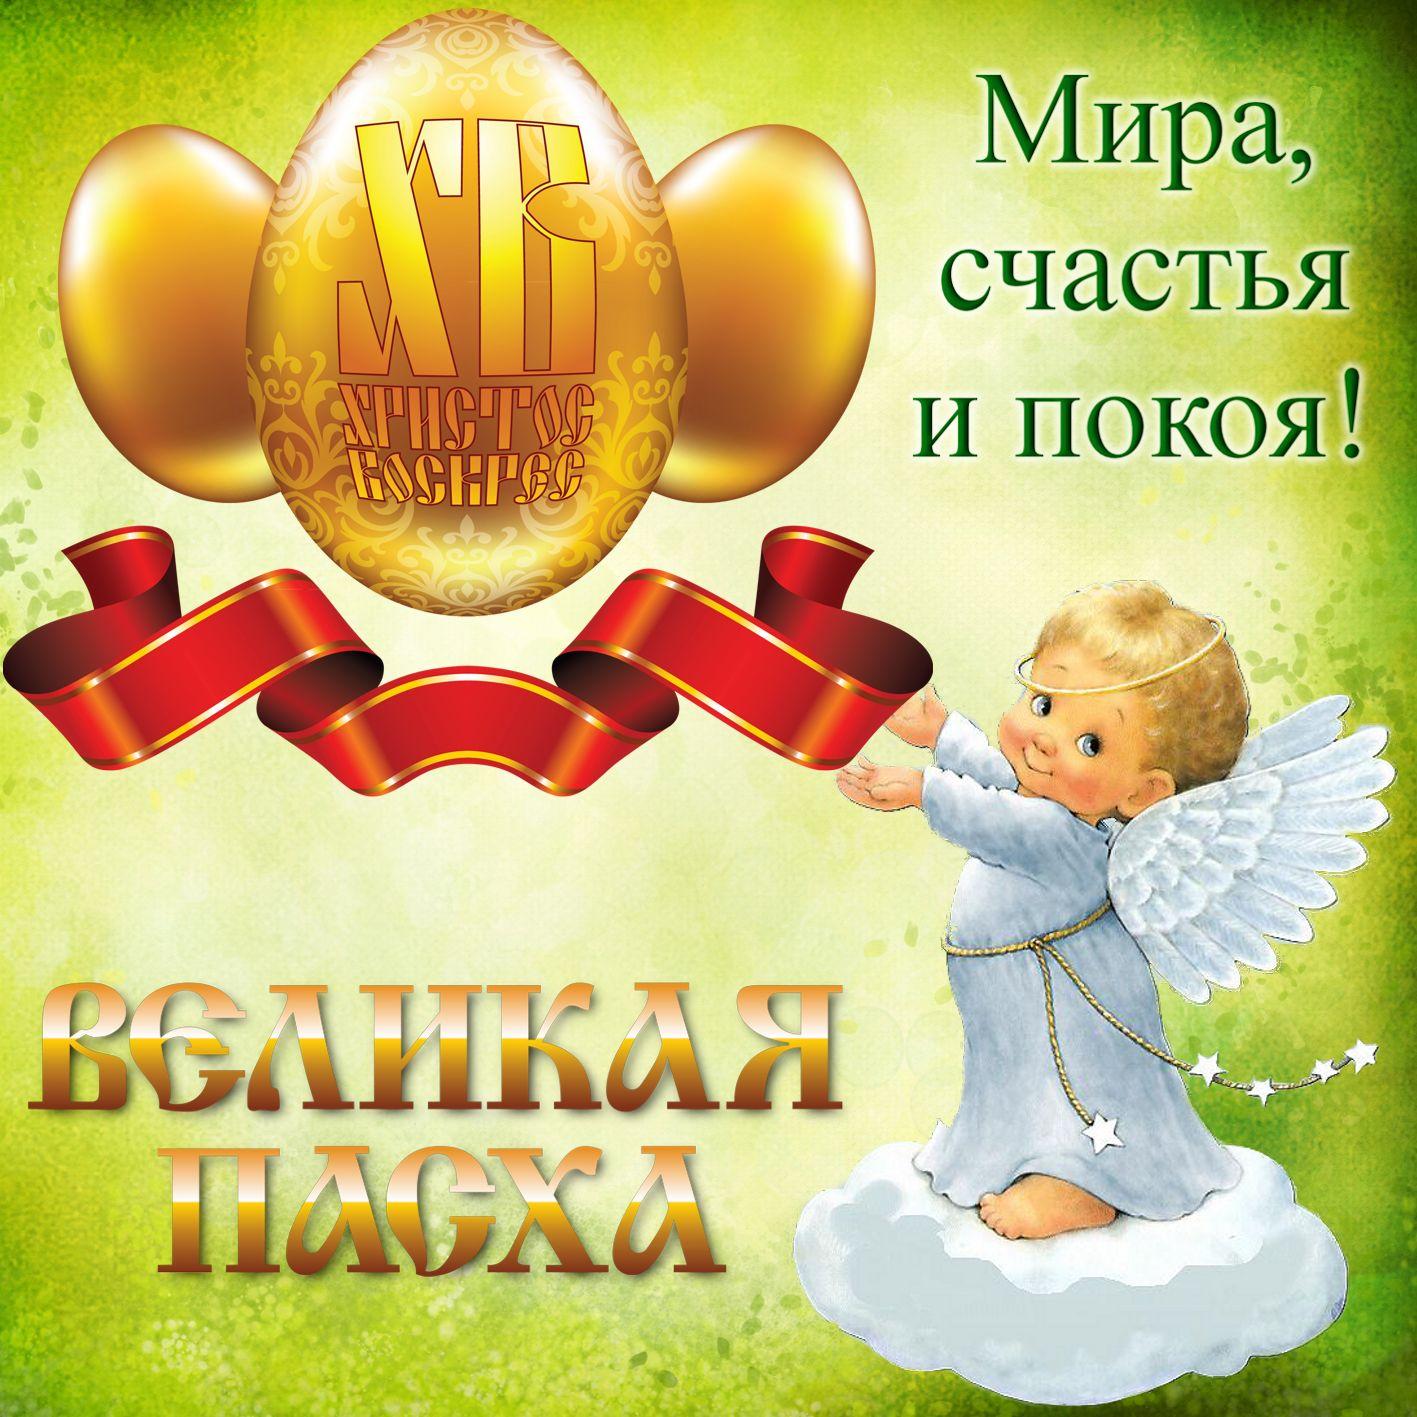 Ангелочек поздравляет с Великой Пасхой